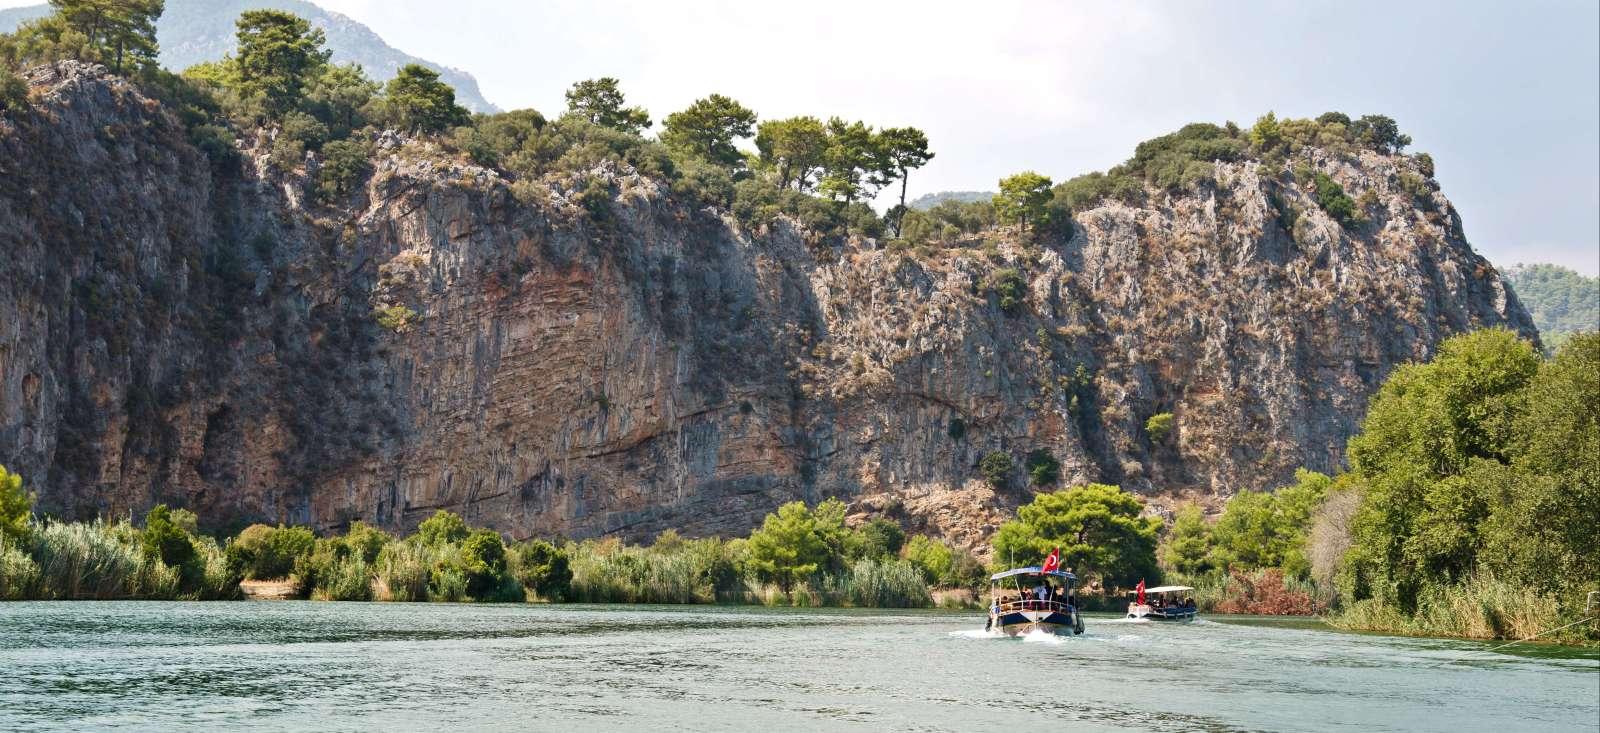 Voyage sur l'eau : La Lycie mi rando, mi bateau...